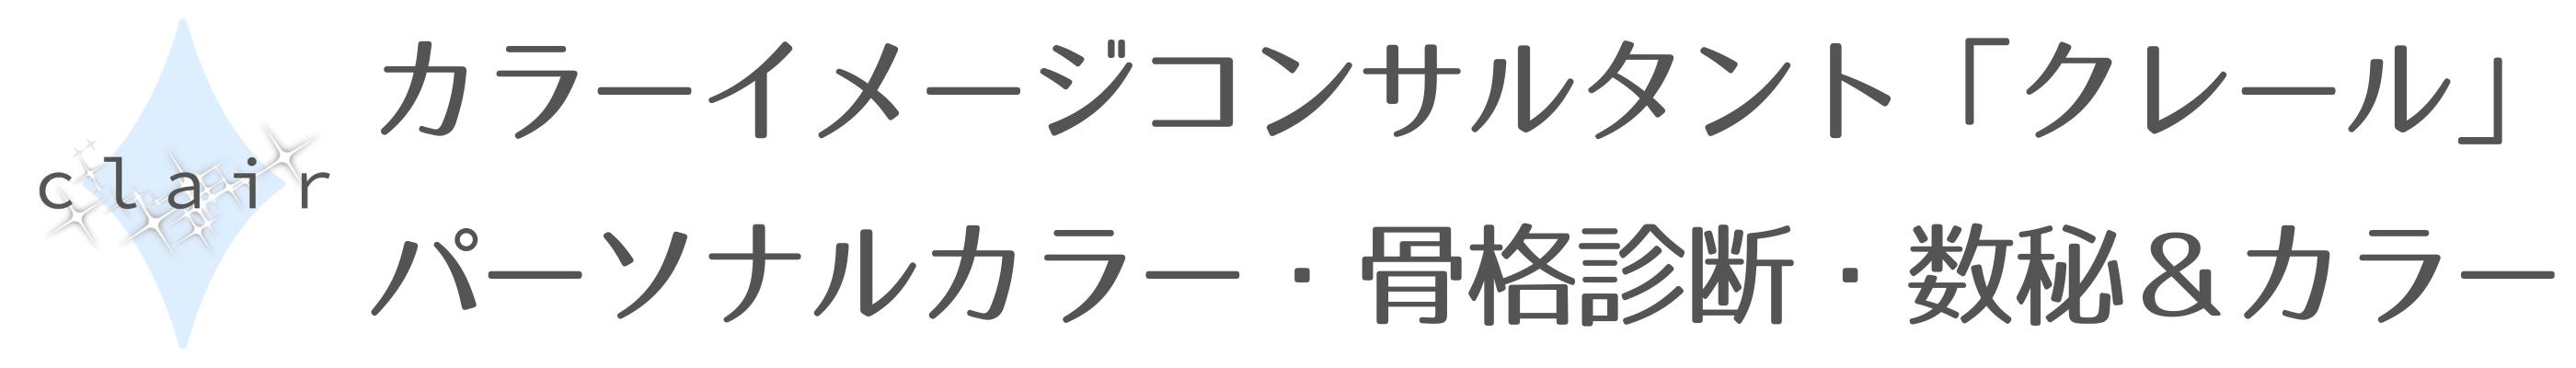 clair(クレール)カラーイメージコンサルタント・数秘&カラー